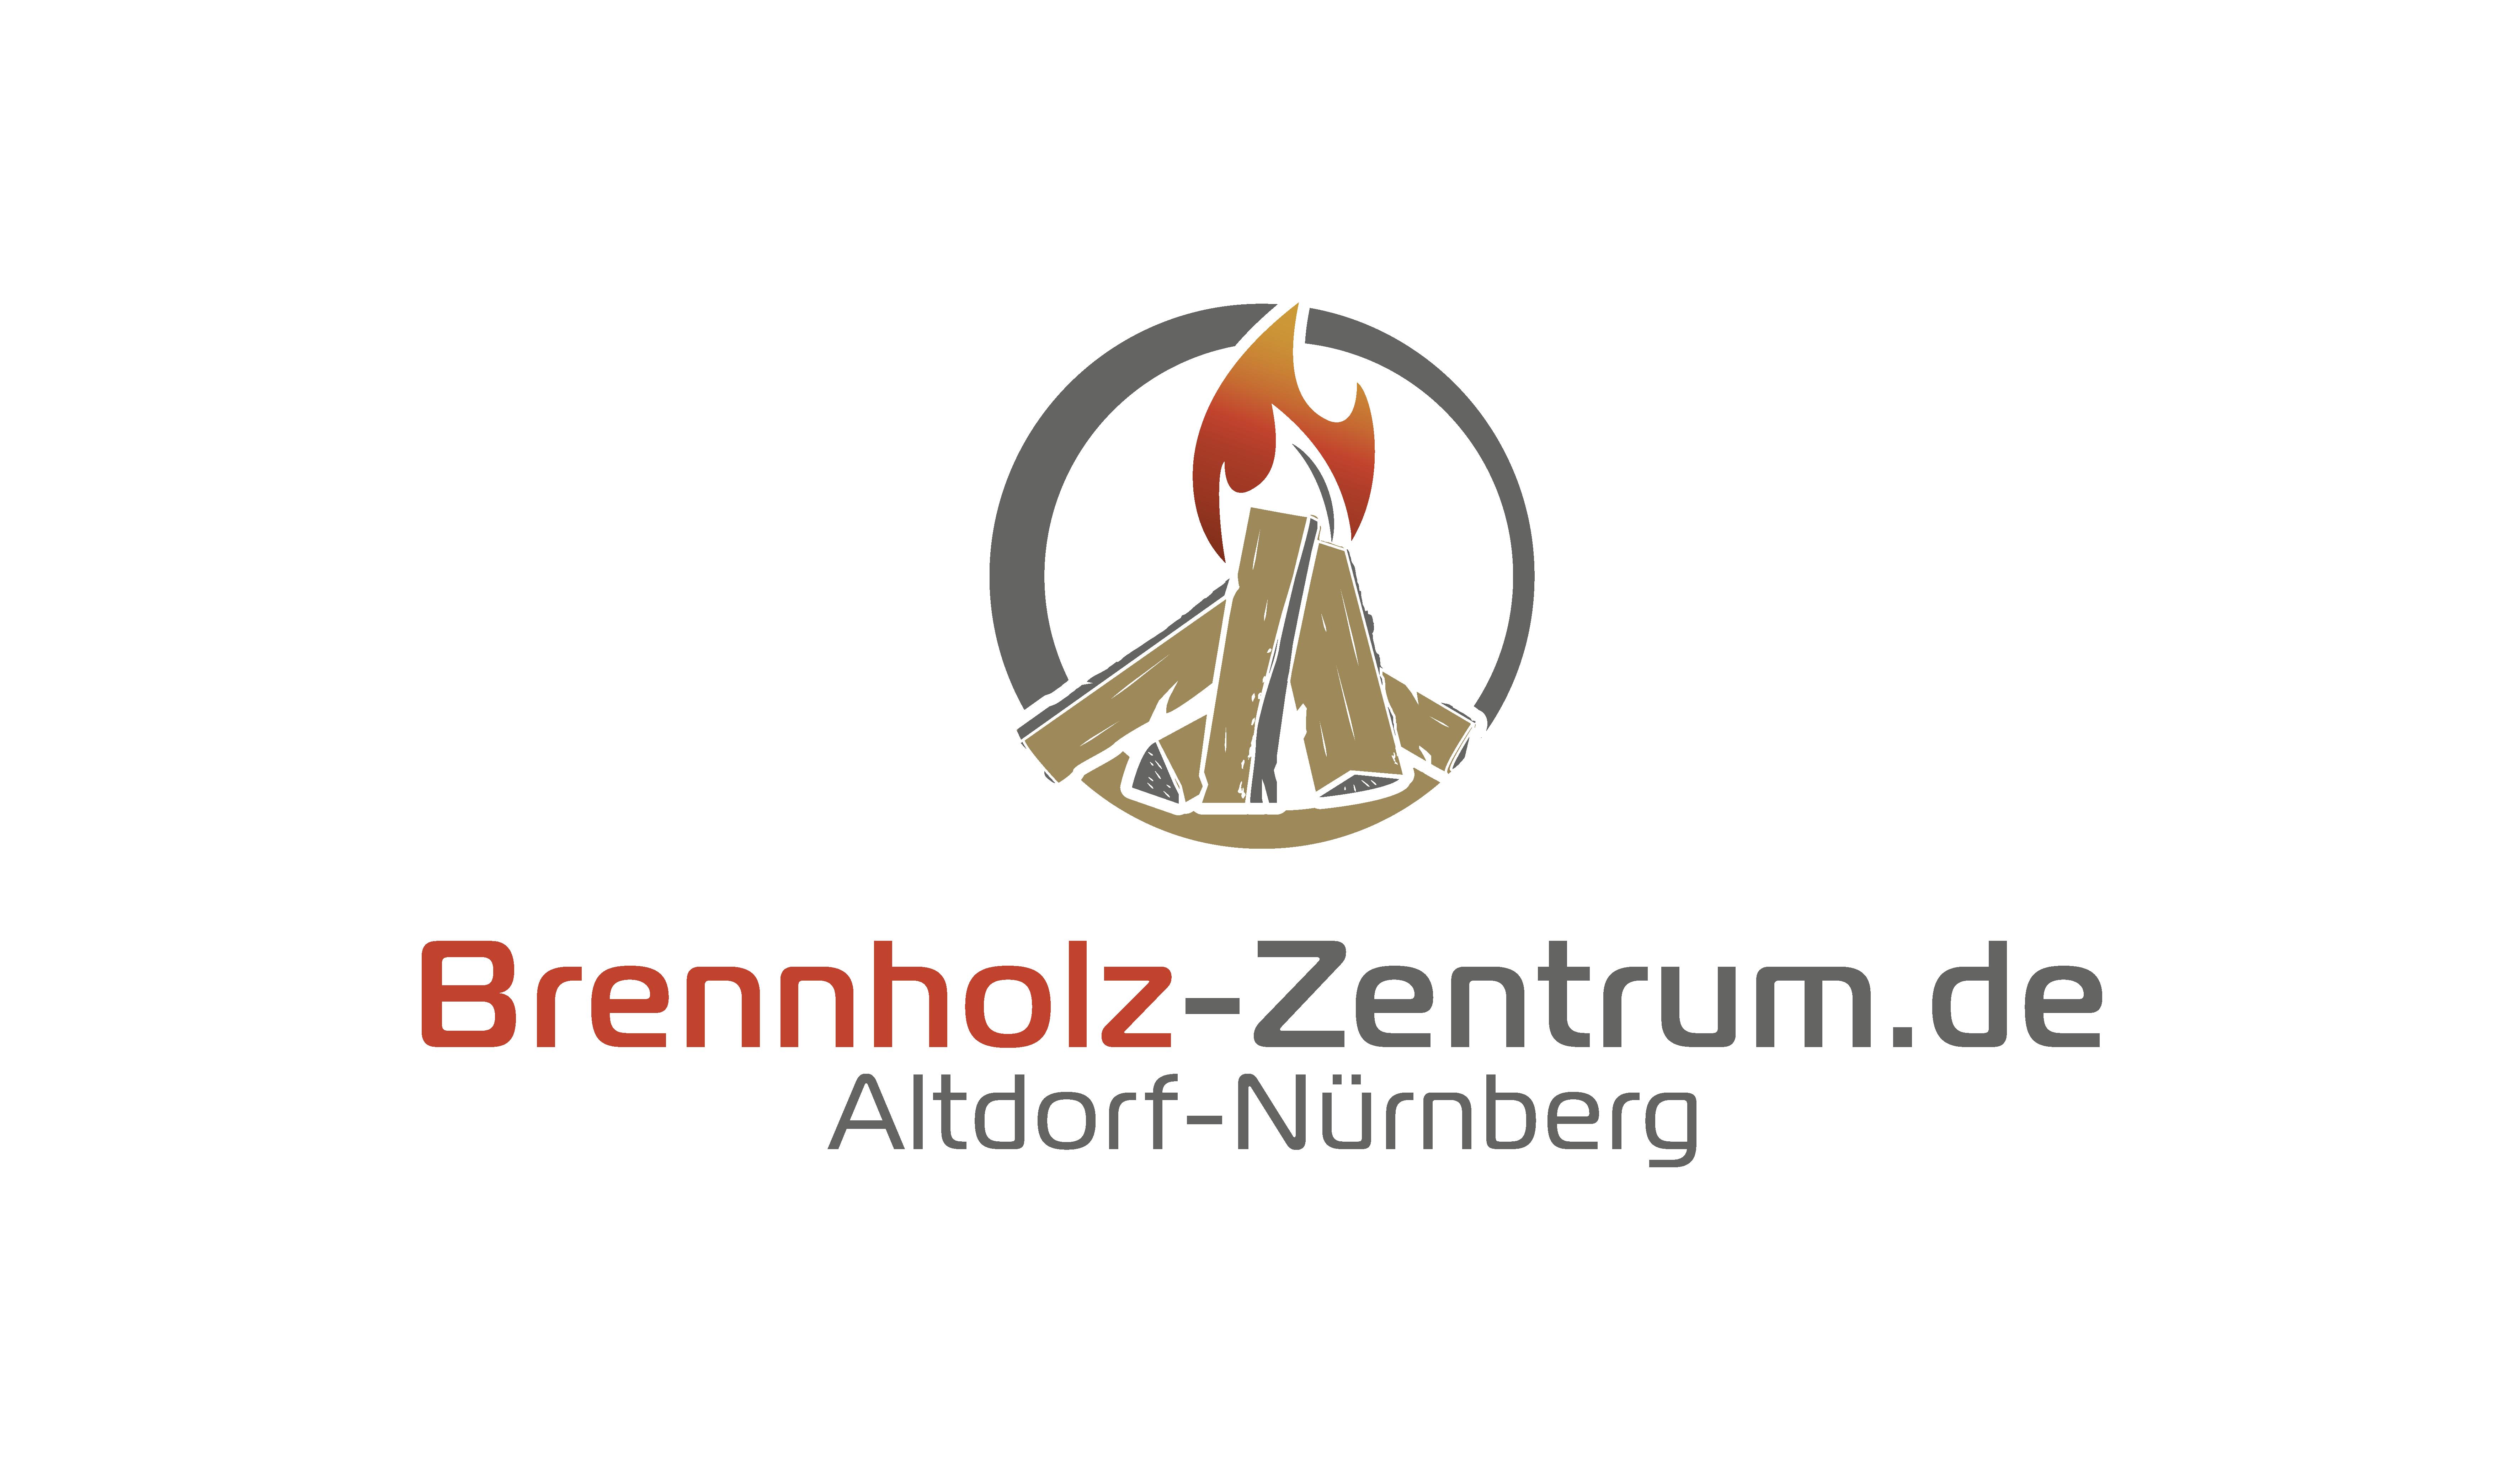 Brennholz-Zentrum